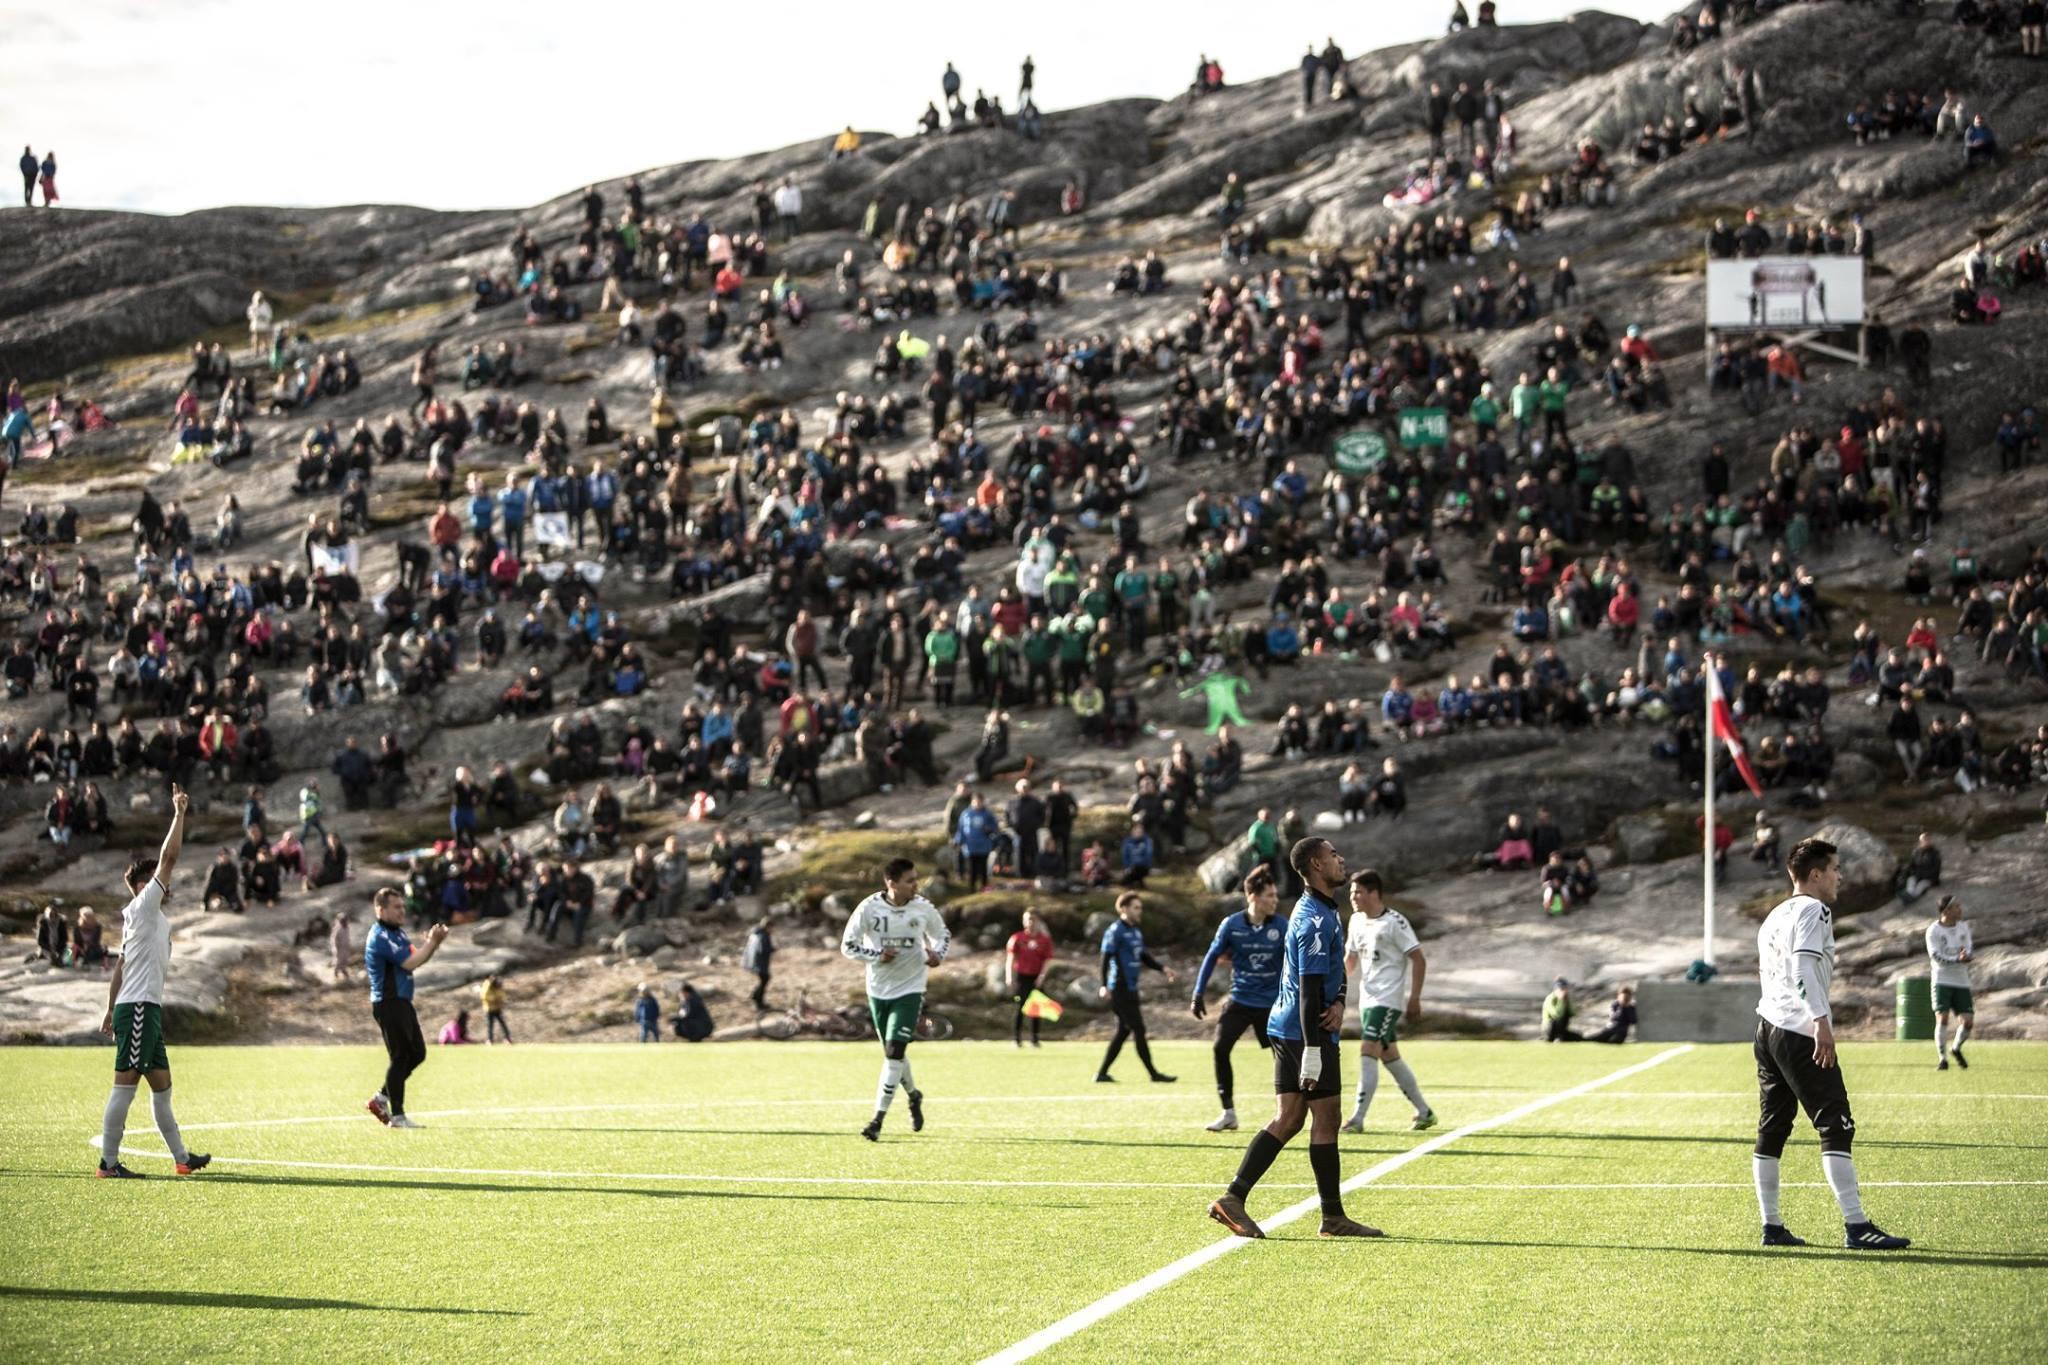 Самое короткое футбольное соревнование в мире: в Гренландии сезон длится одну неделю (+Фото, Видео) - изображение 31